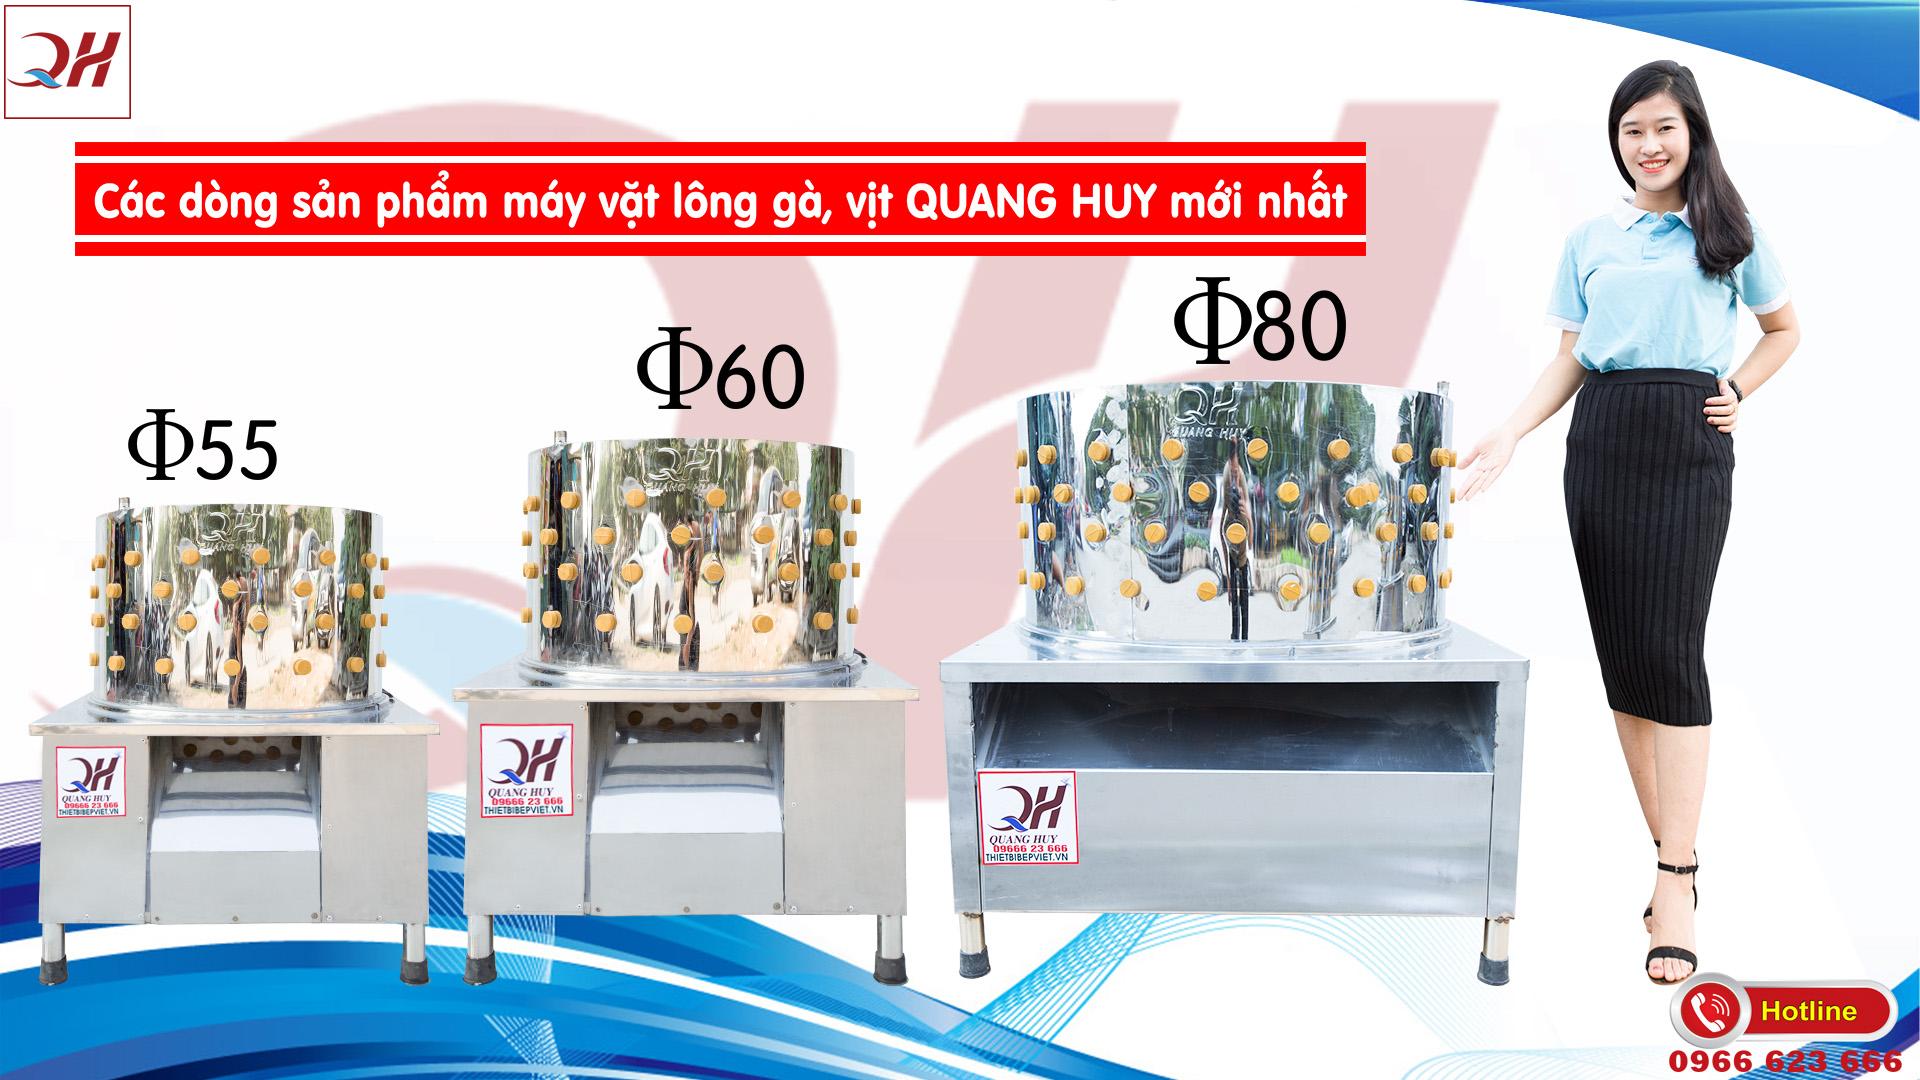 Quang Huy là cơ sở hàng đầu cung cấp máy vặt lông gà